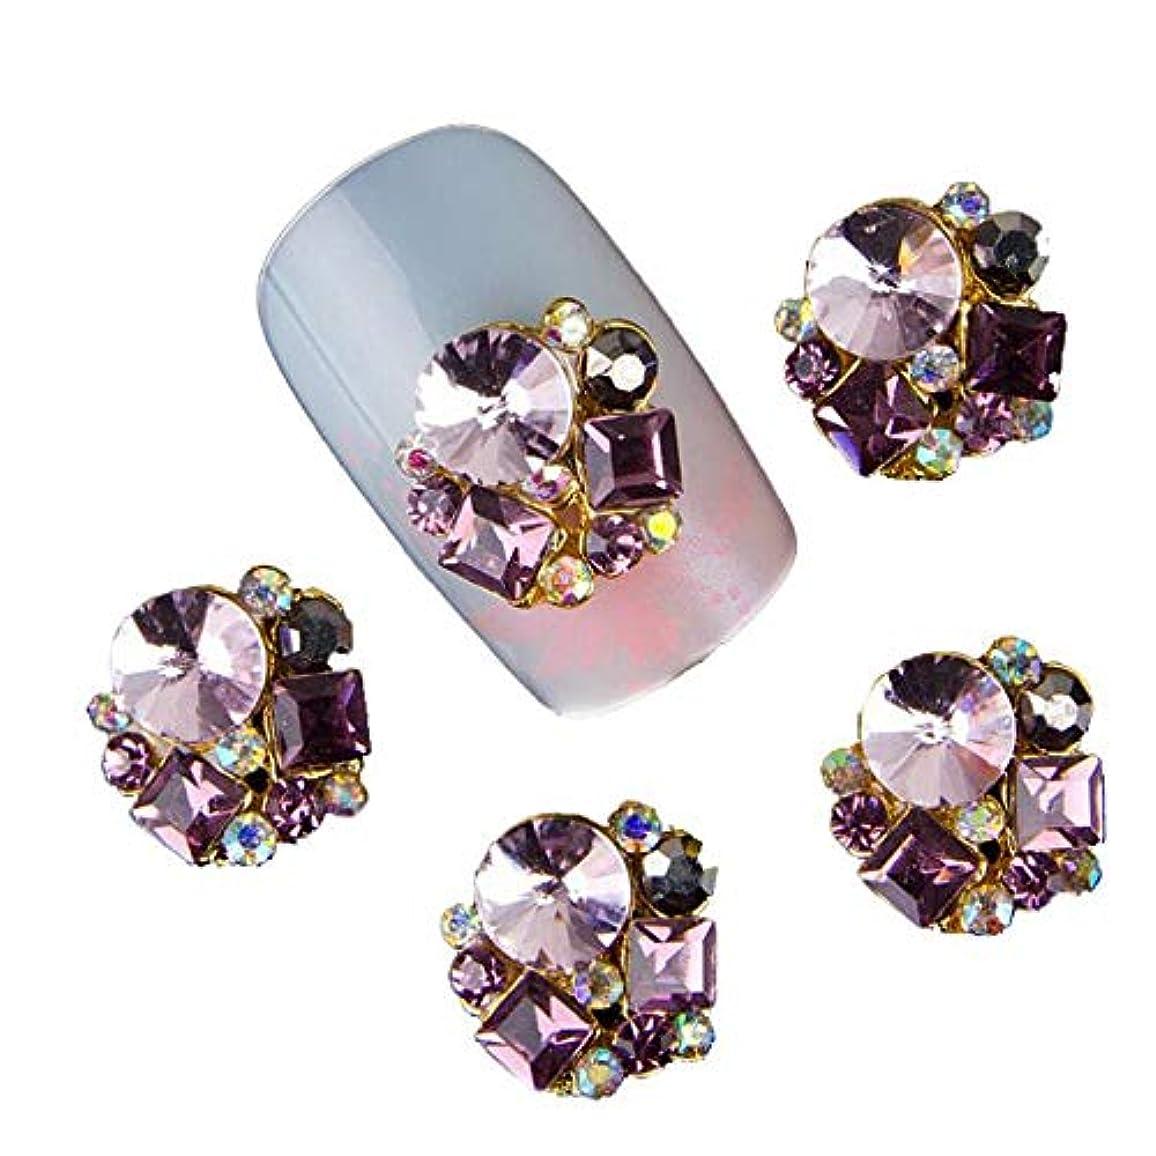 紫のストライク葉を集める10個入りグリッターパールネイルラインストーン3Dメタルアロイネイルアートデコレーションチャームスタッド釘ジュエリー